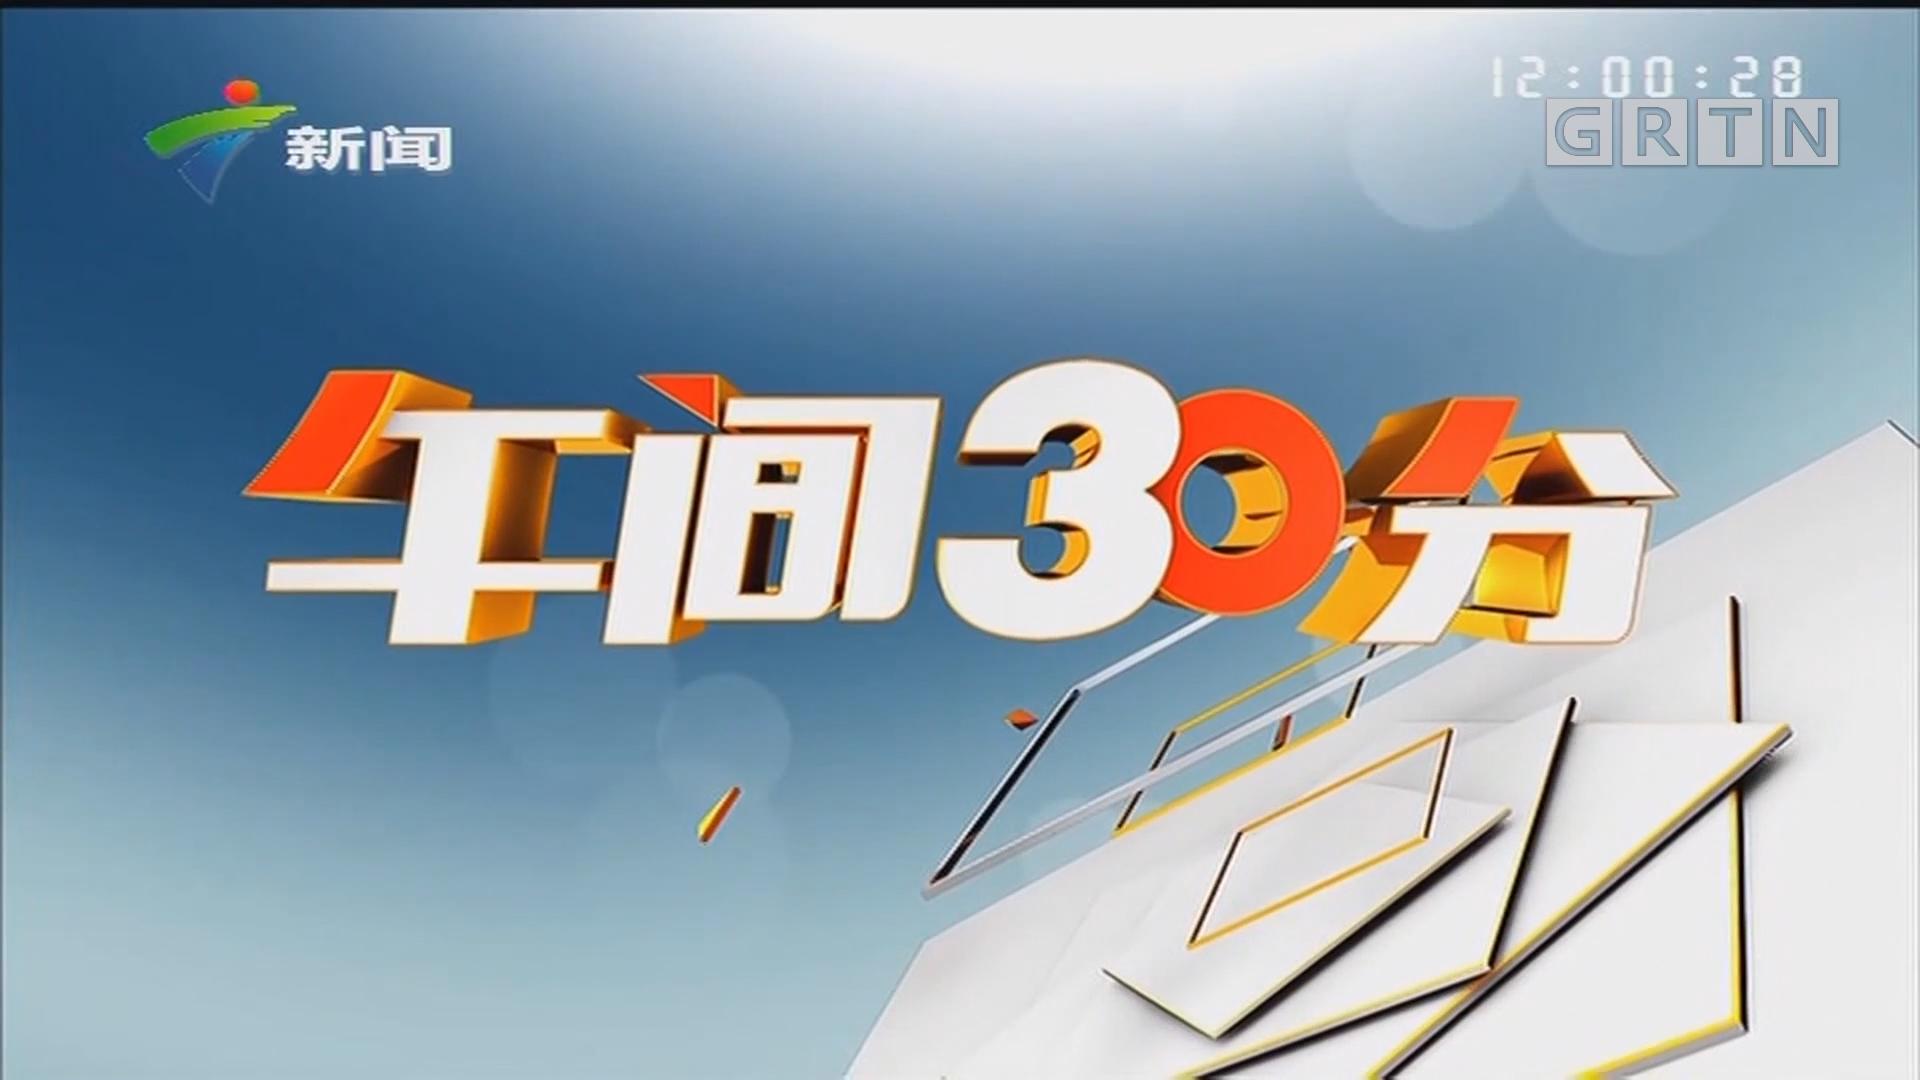 [HD][2019-11-03]午间30分:上海第二届进博会即将开幕:进博会首设非遗和老字号展区